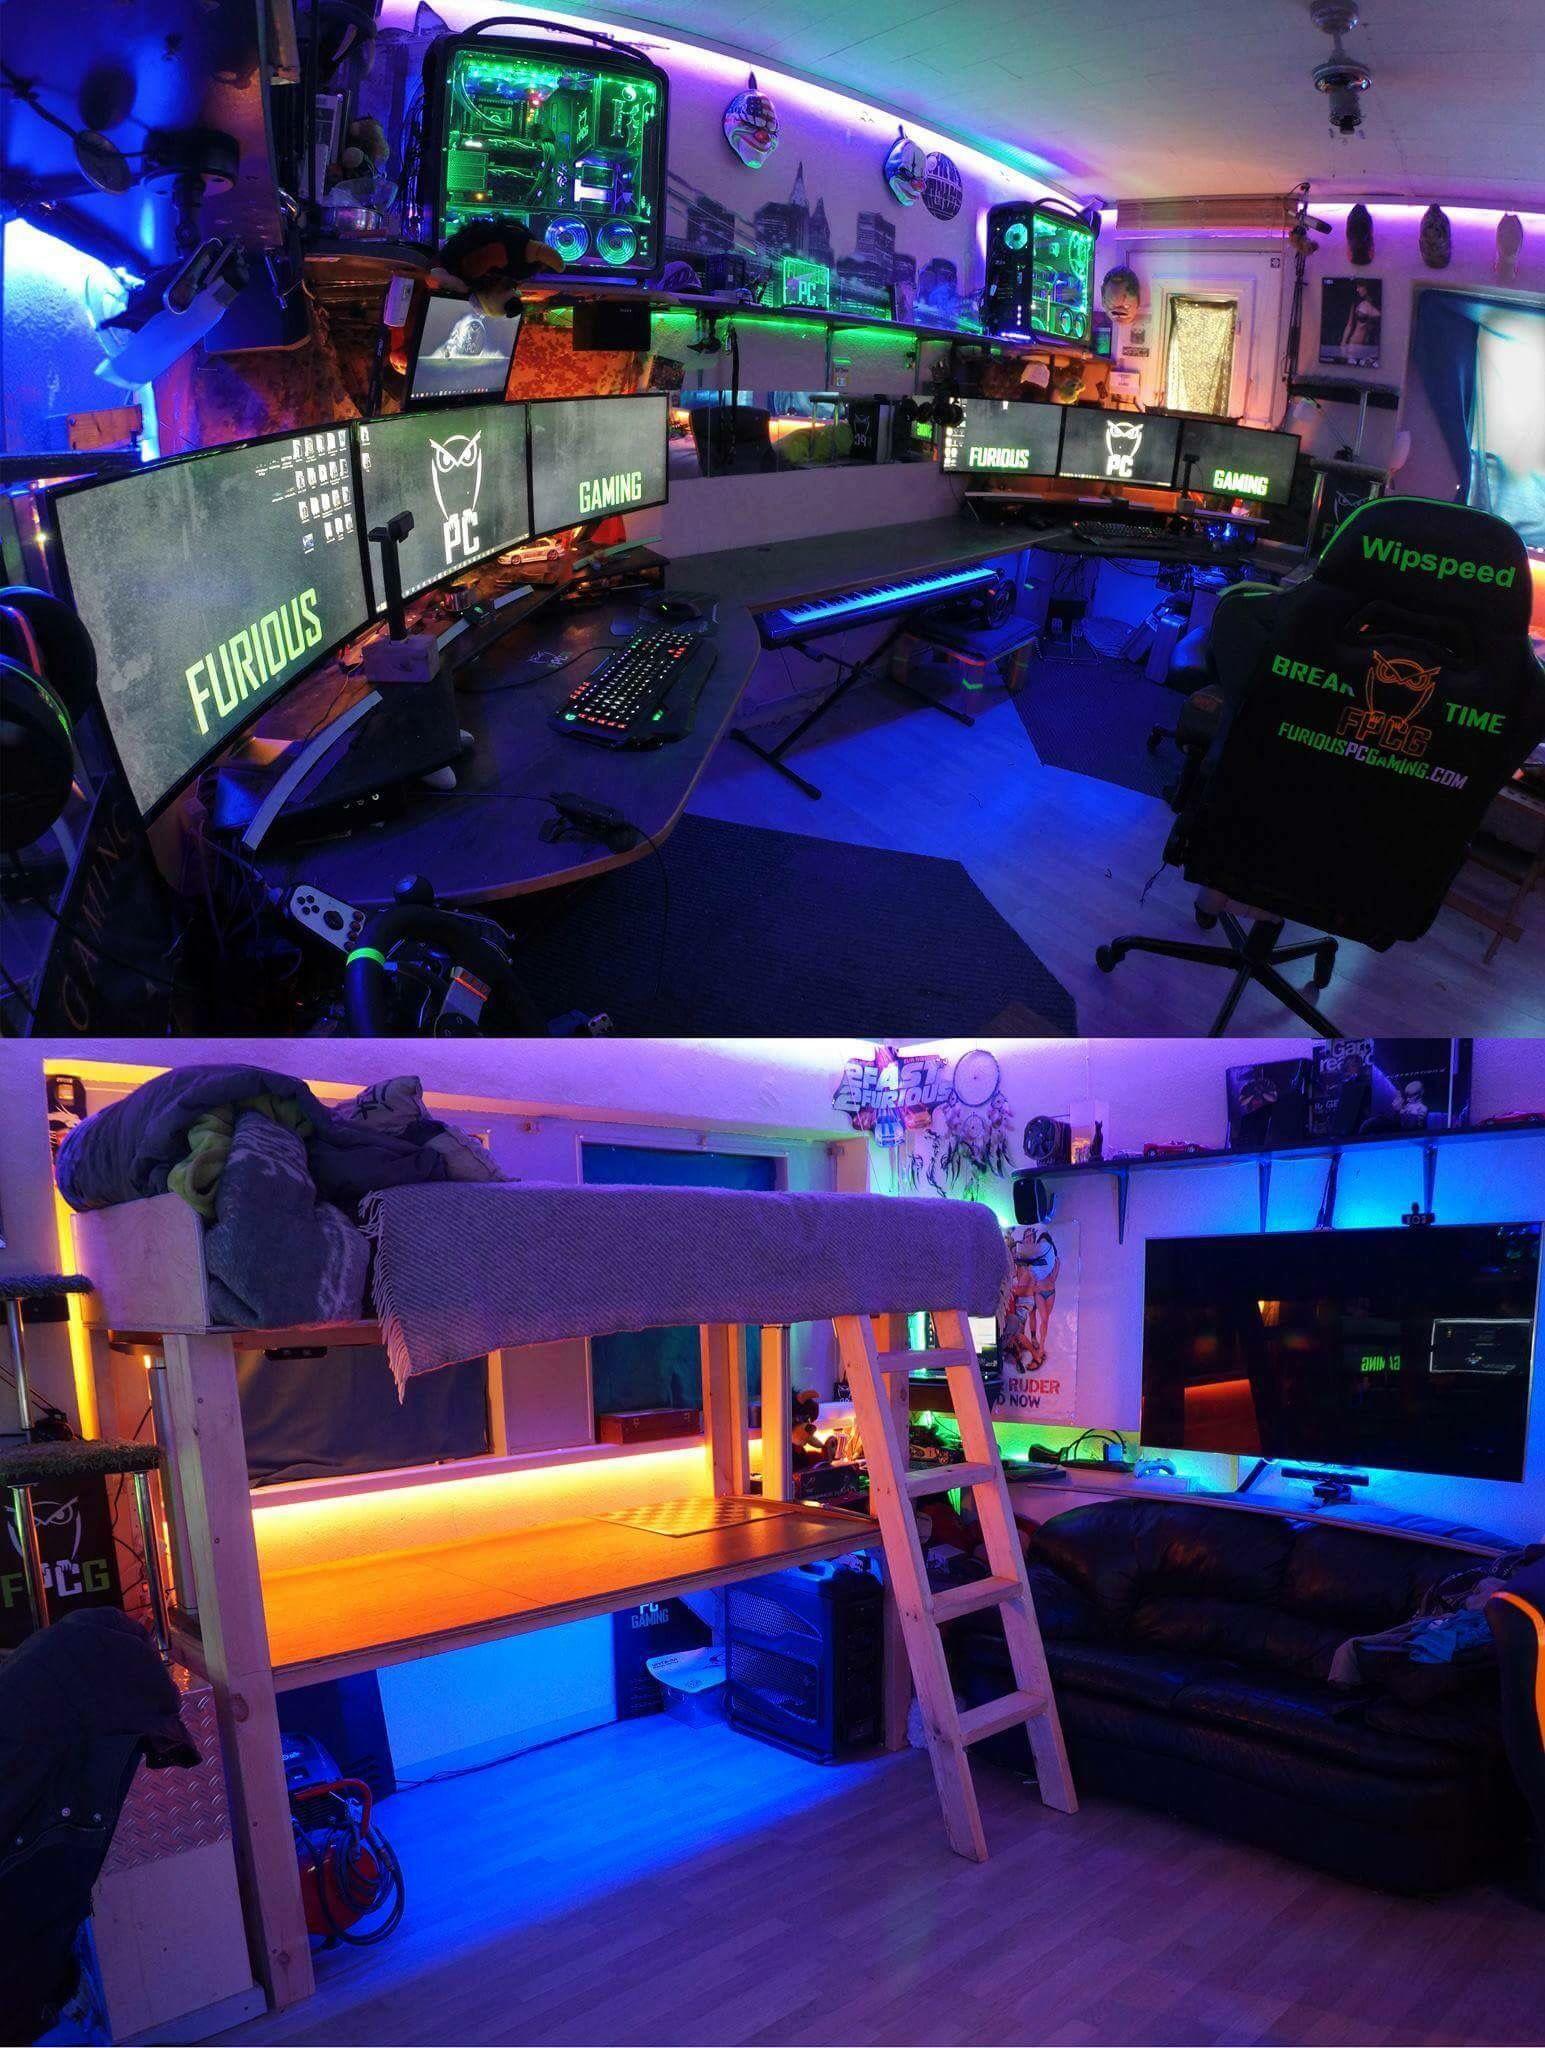 5100 Koleksi Ide Design Kamar Gaming Minimalis Gratis Terbaik Yang Bisa Anda Tiru